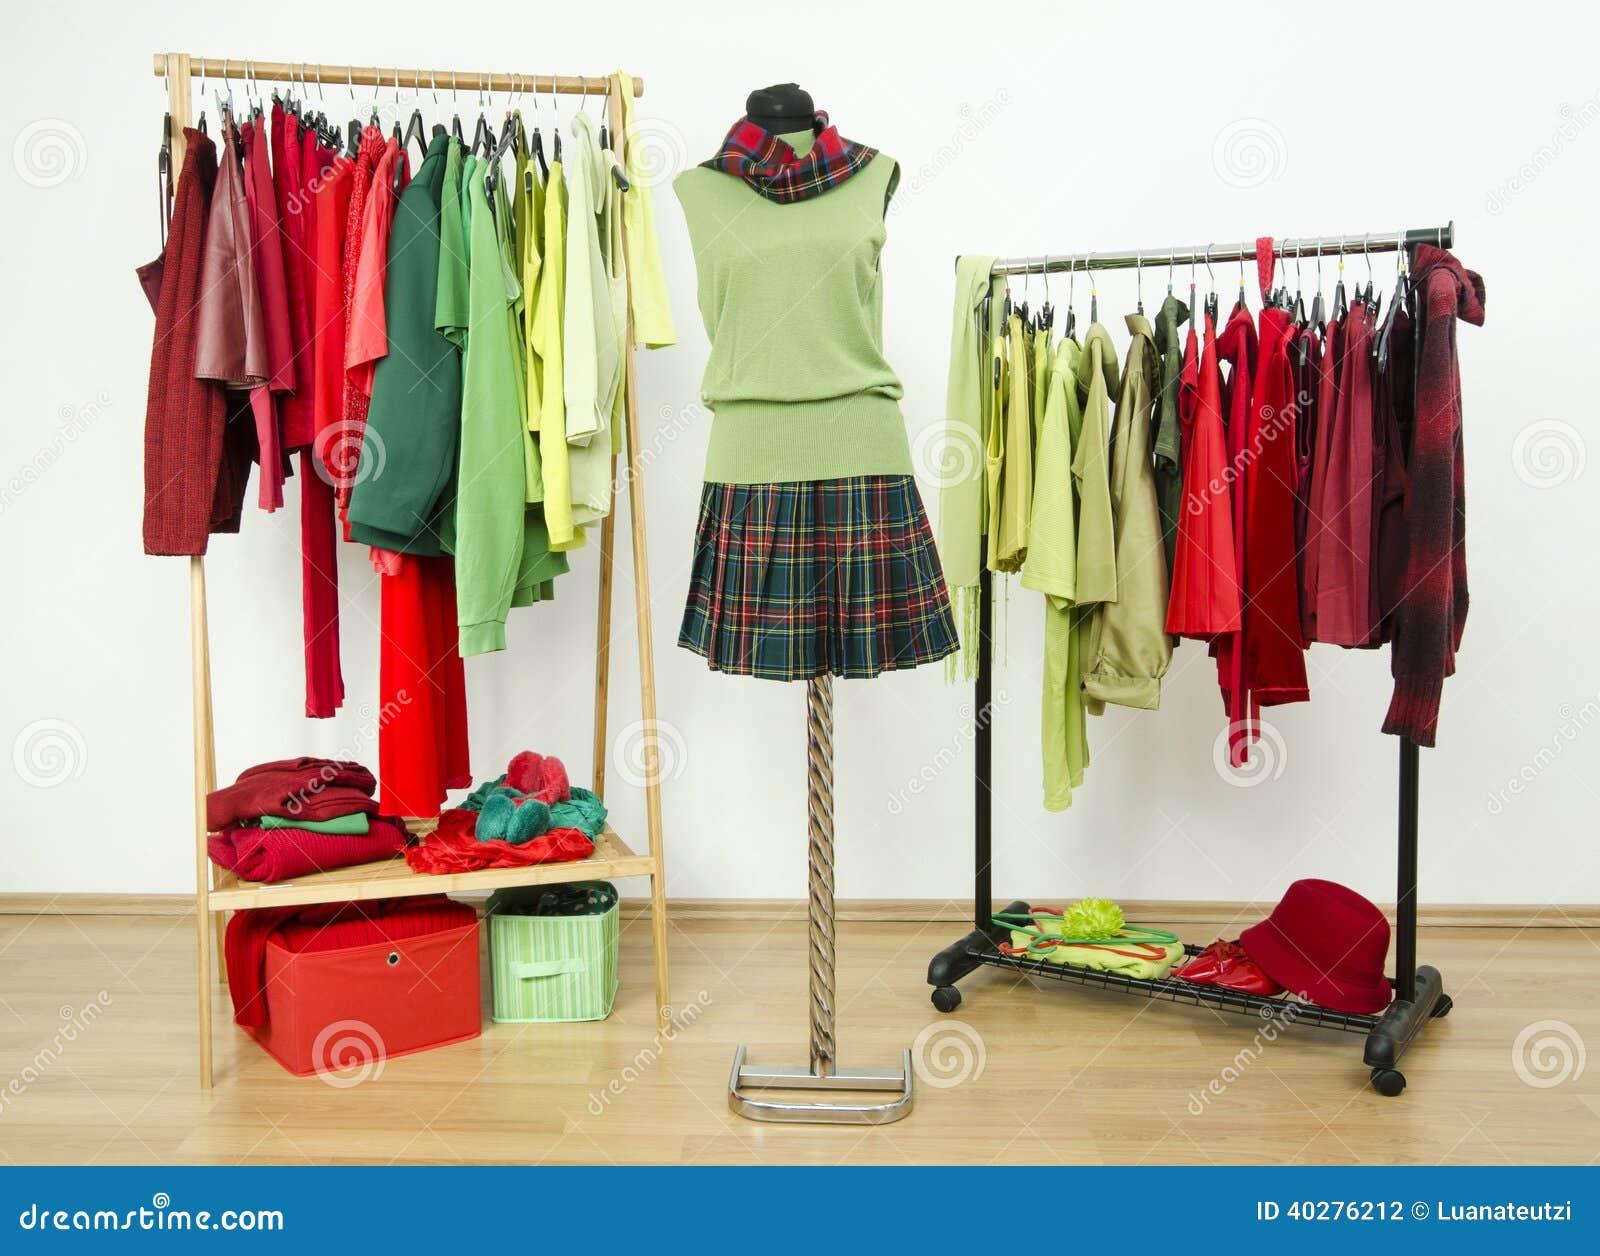 Одевающ шкаф с комплементарными цветами красными и зелеными одеждами.